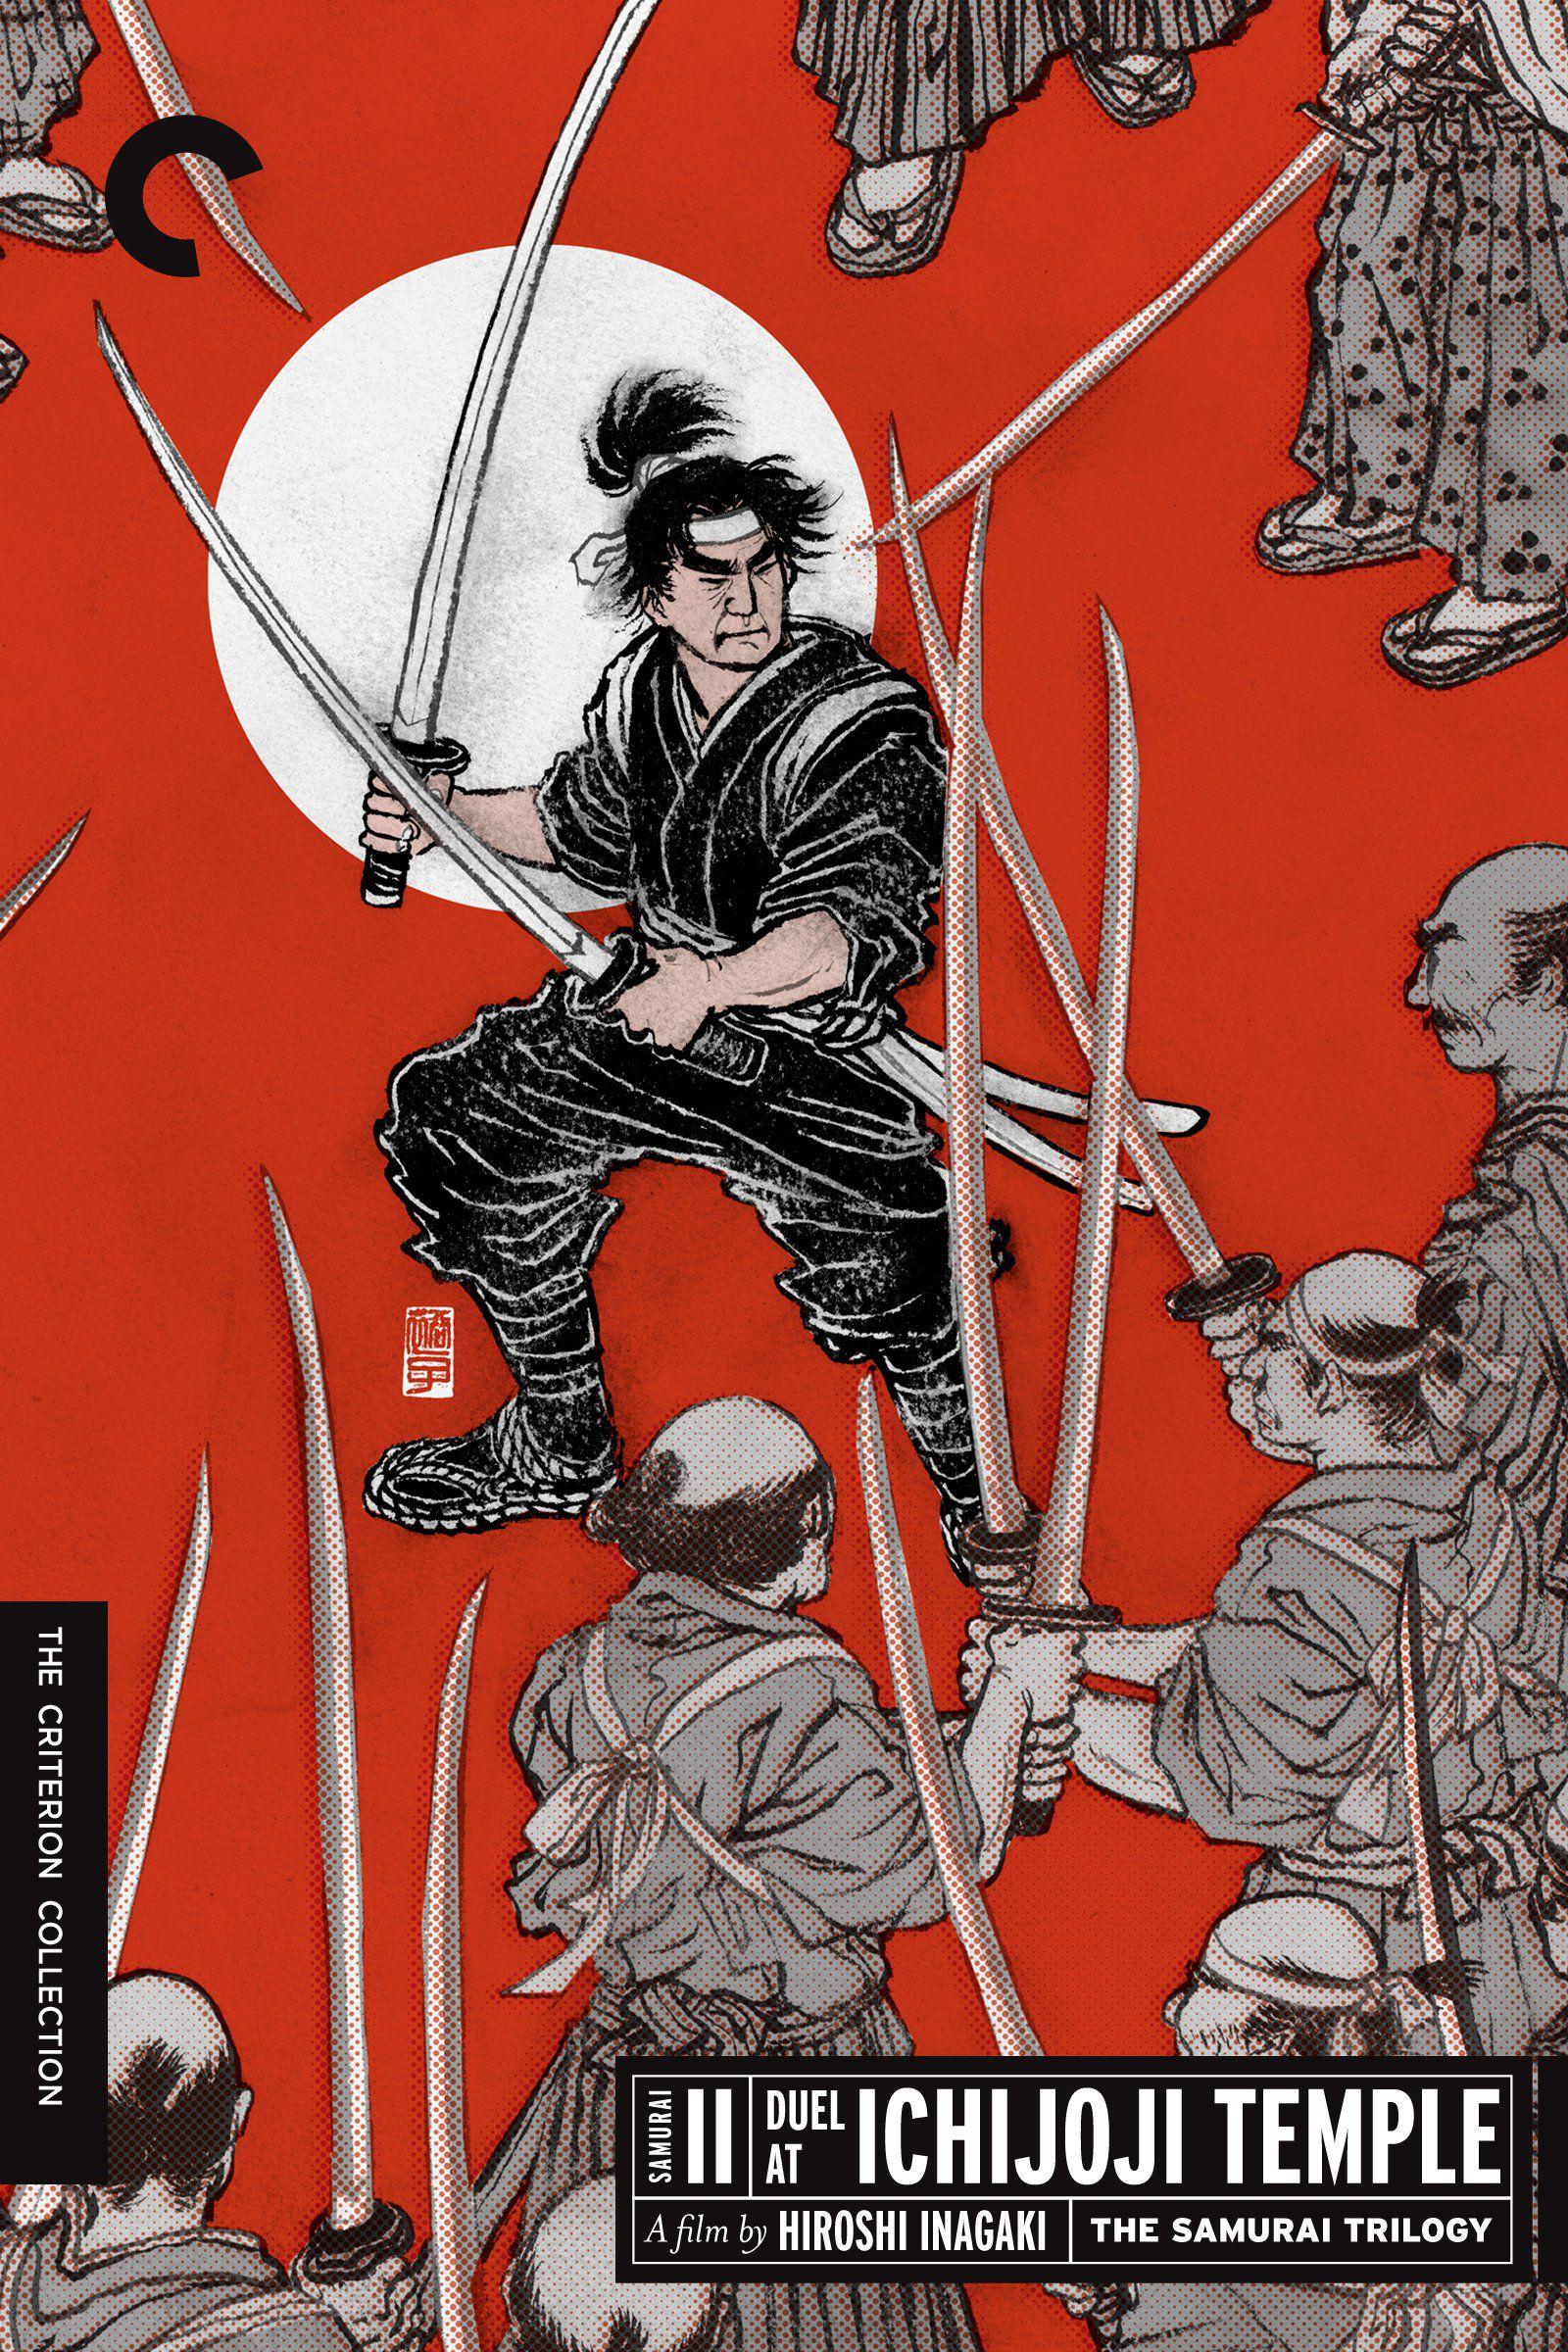 Crítica | Samurai II: Morte no Templo Ichijoji